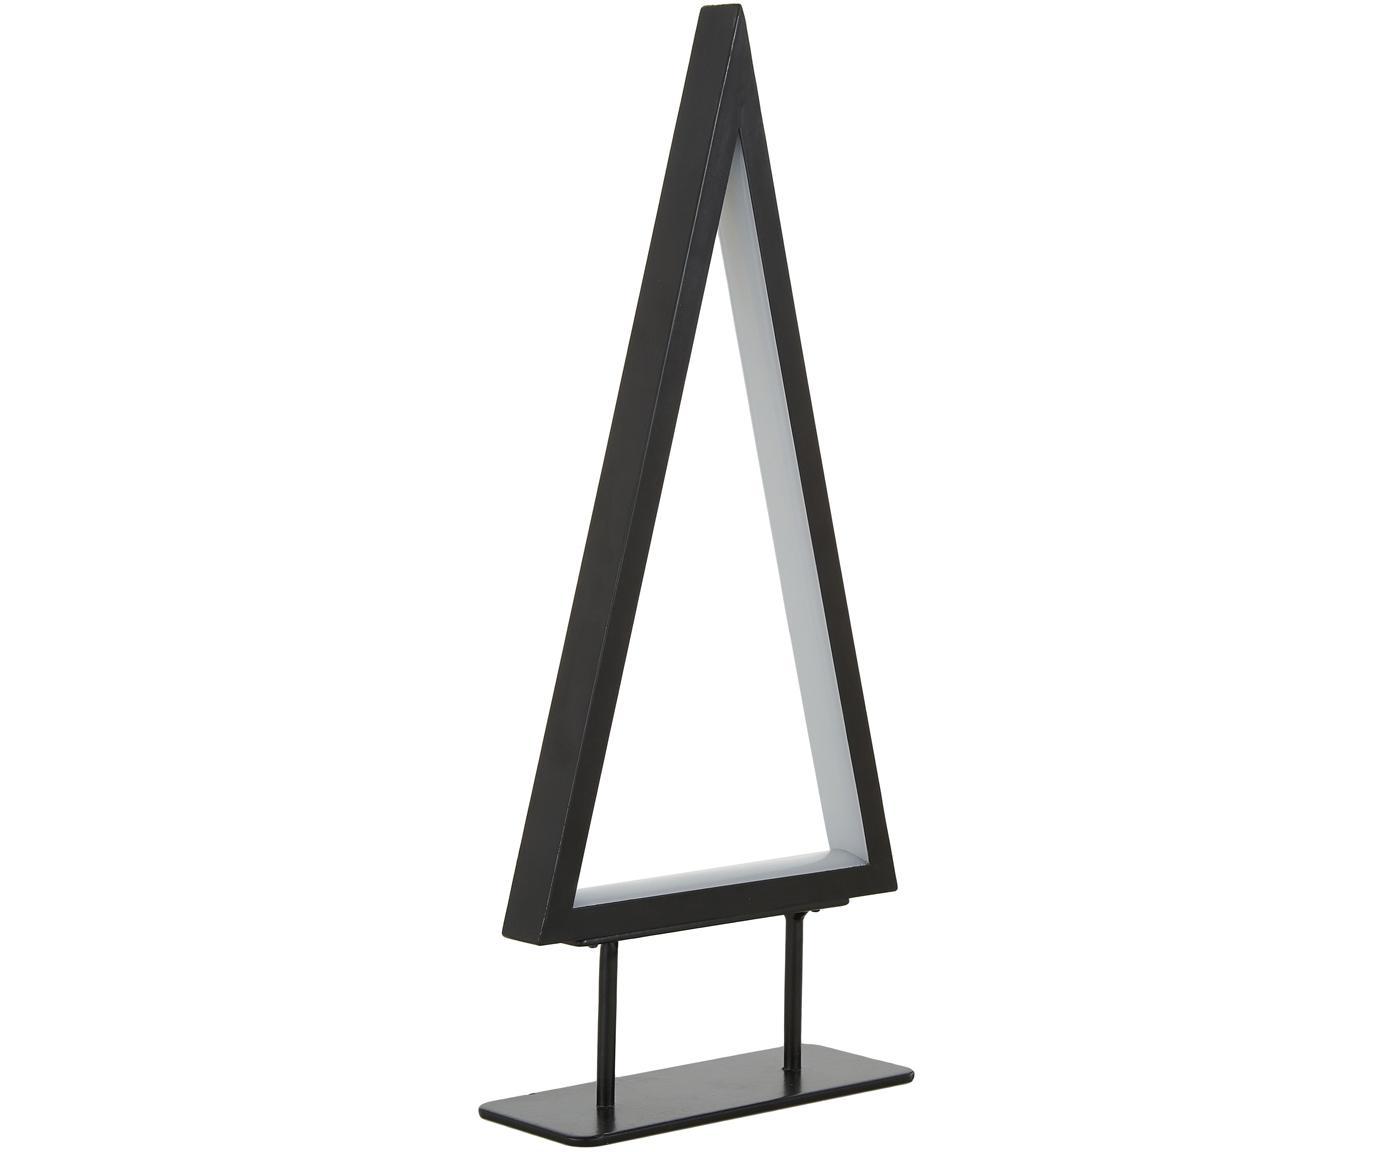 Oggetto luminoso a LED Ropelight, Struttura: metallo verniciato, Nero, Larg. 16 x Alt. 36 cm